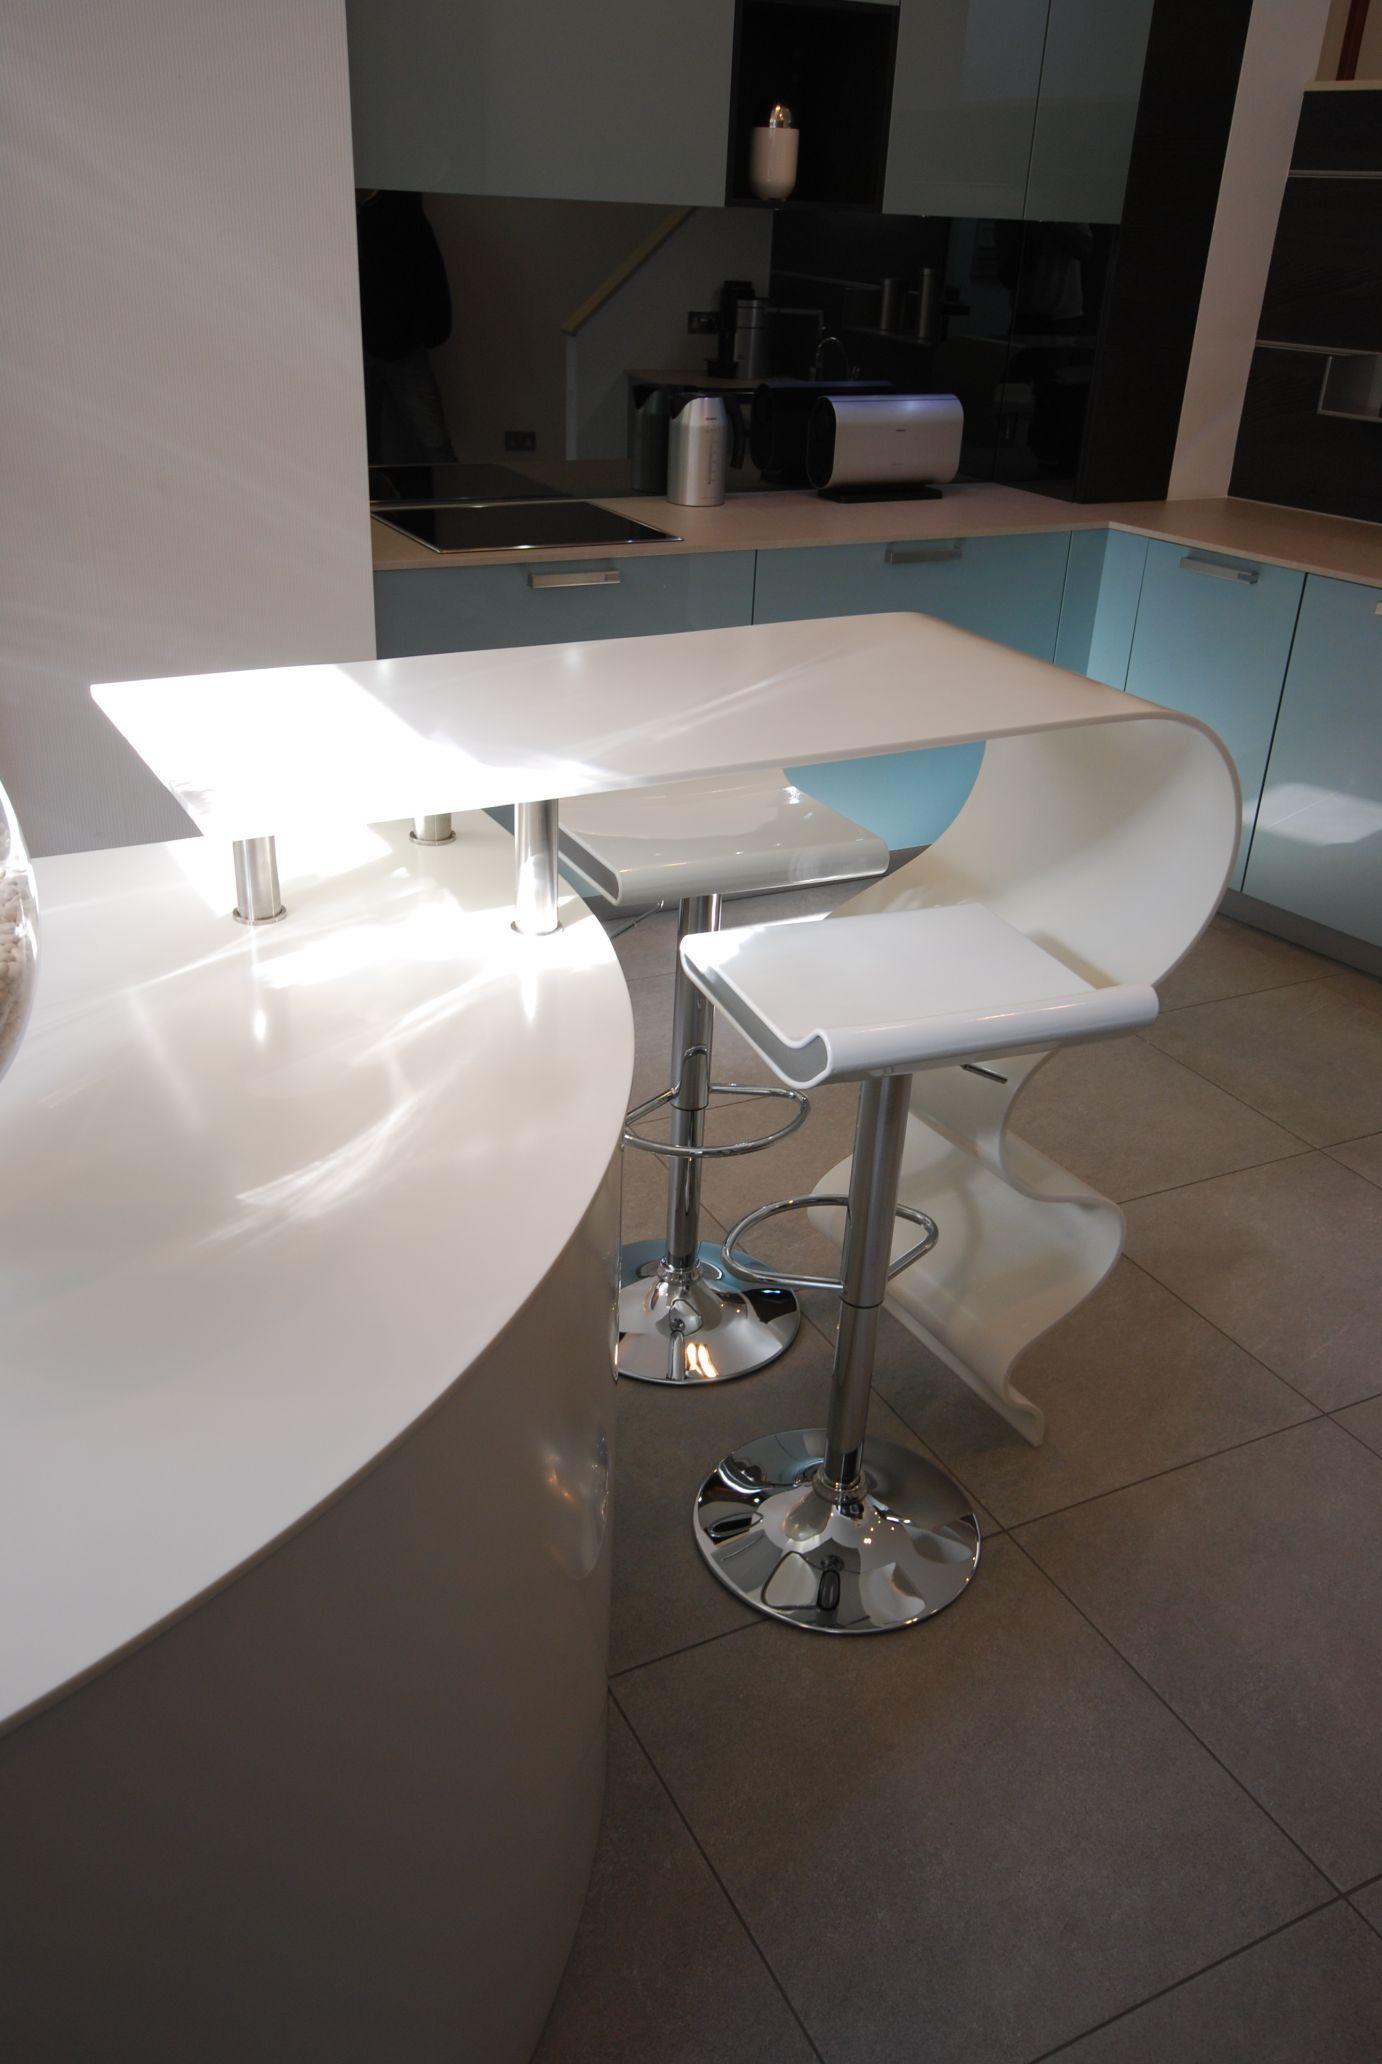 Funky Worktop at Hacker Kitchen Showroom | Solidity